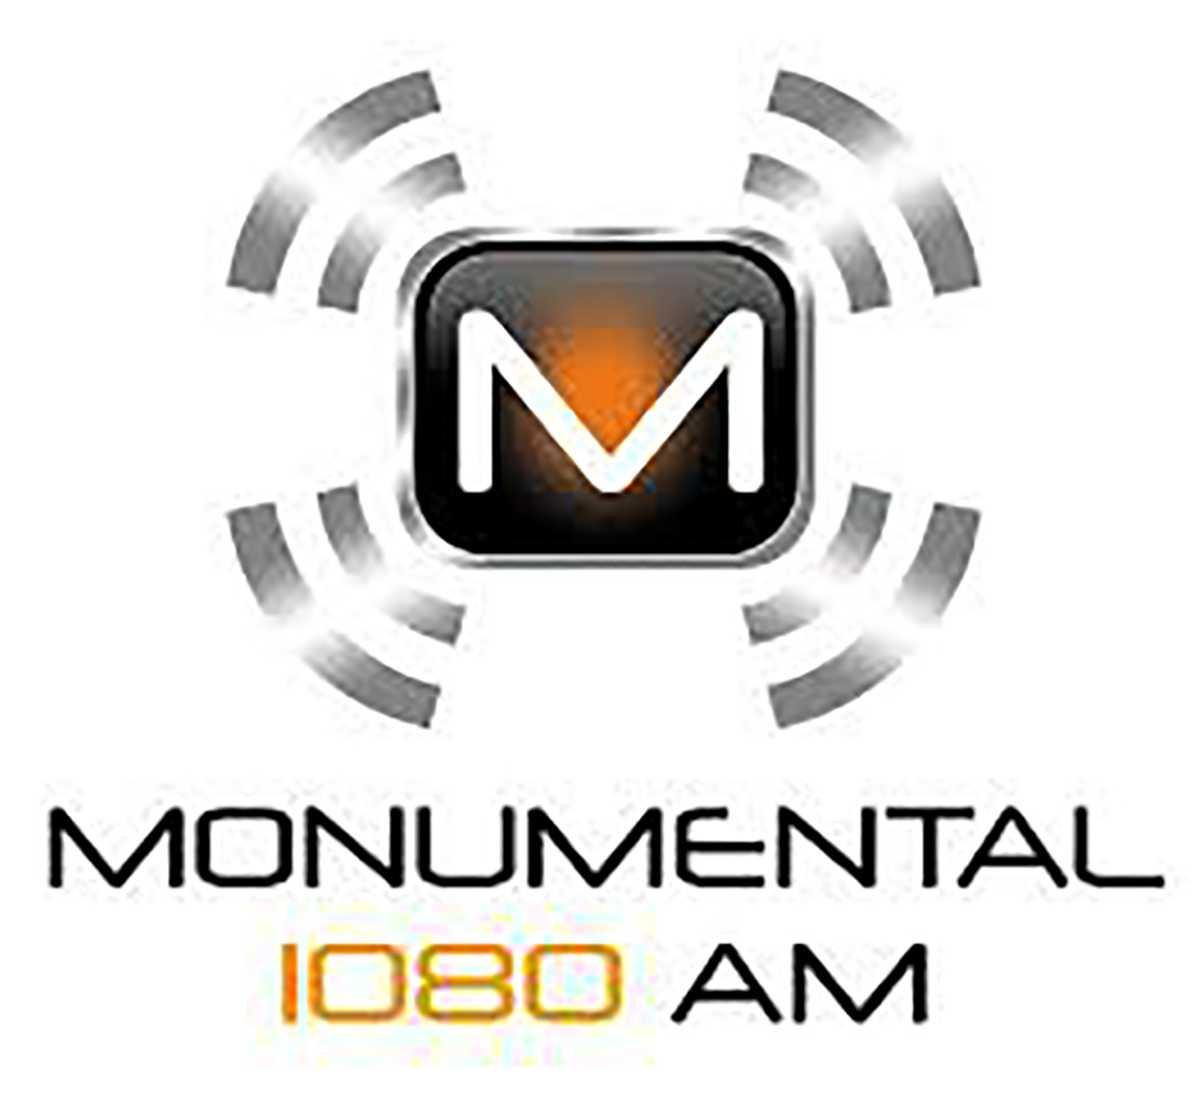 Radio monumental